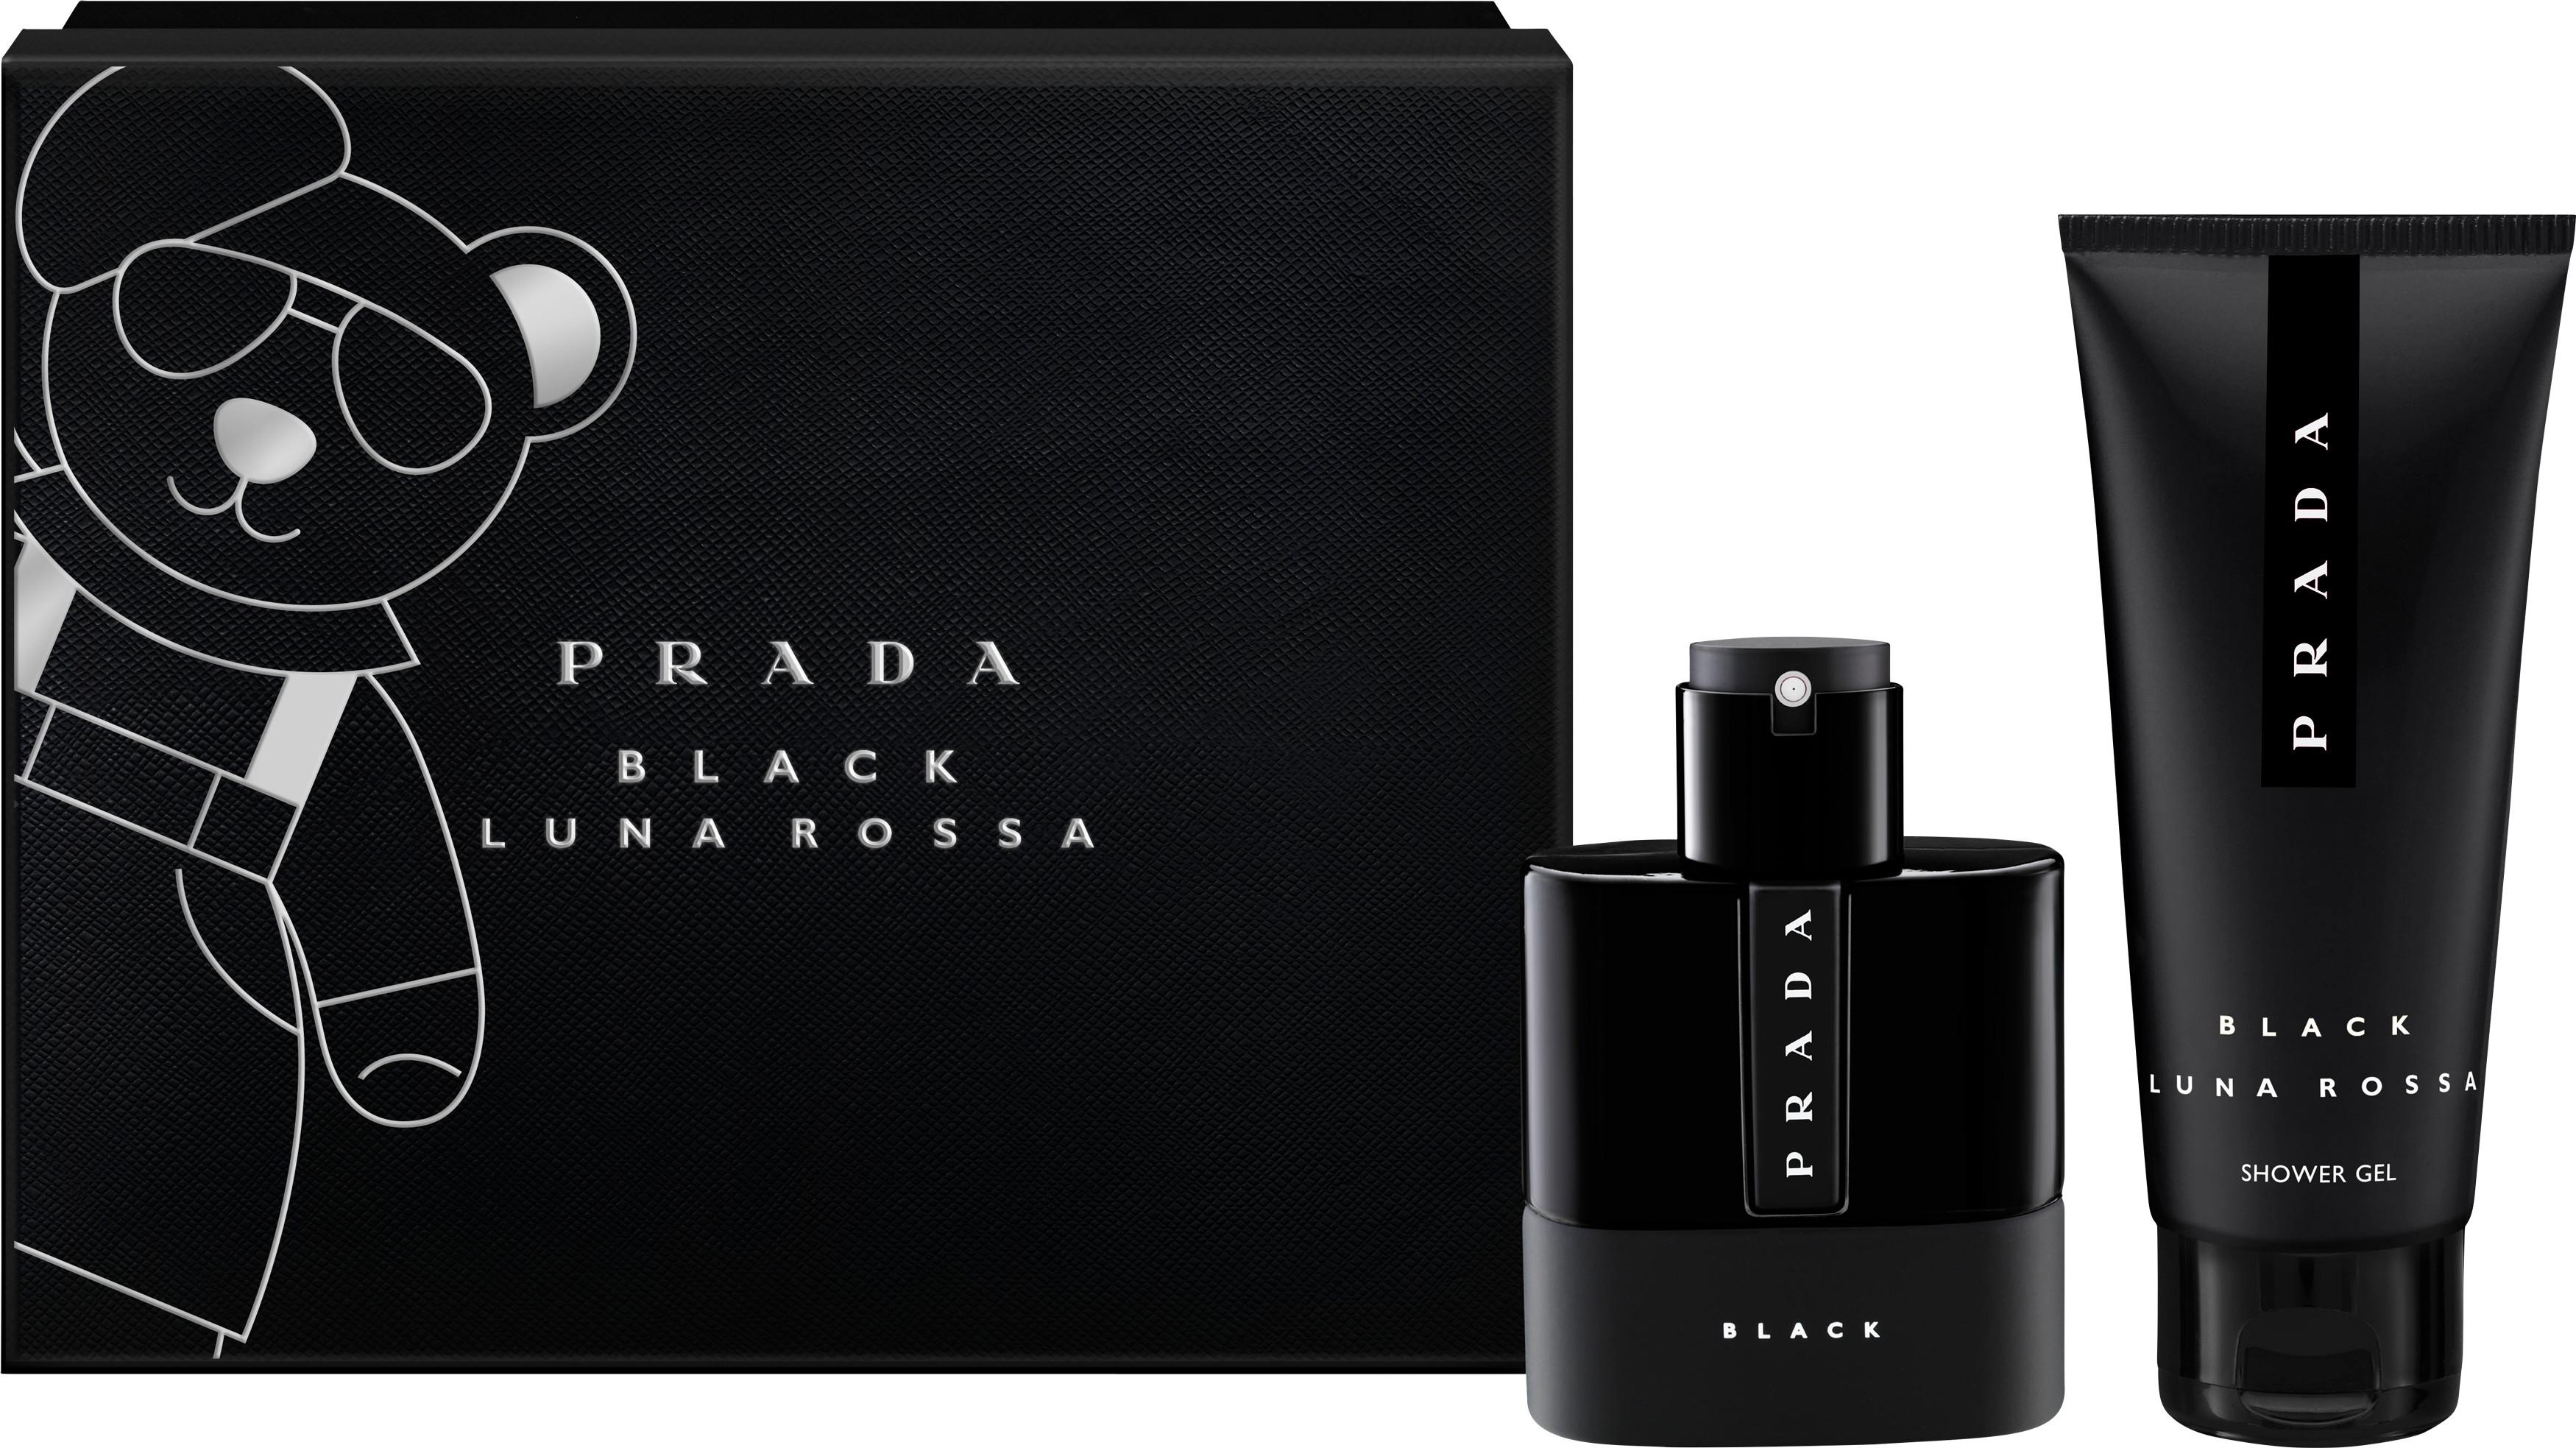 Prada Luna Rossa Black Eau de Parfum 50ml Christmas gift set £24.97  Boots free c&c